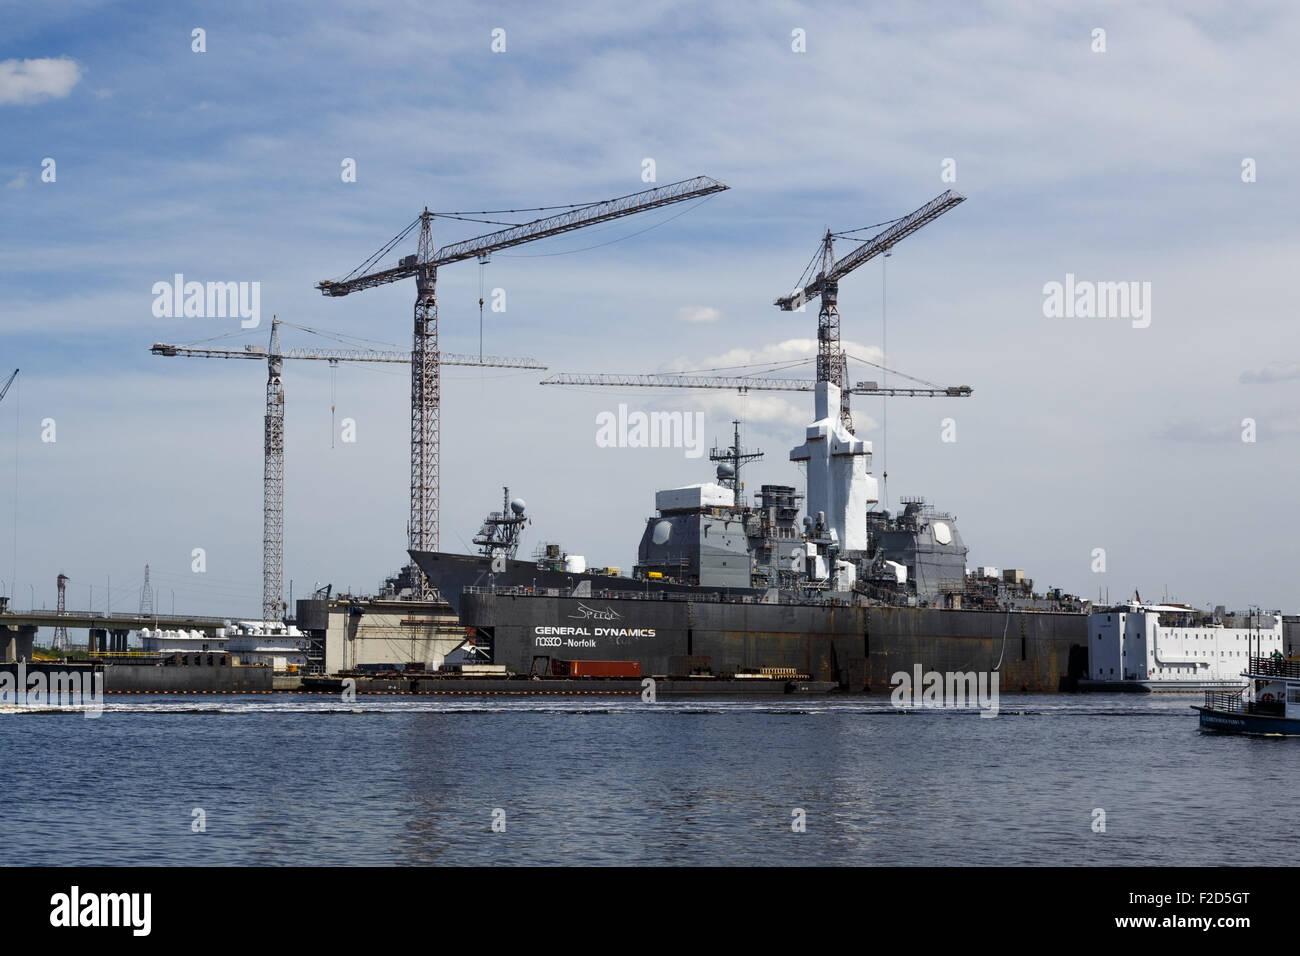 USS Vella Gulf (CG-72) in dry dock in GENERAL DYNAMICS NASSCO shipyard Norfolk Virginia April 2015 - Stock Image